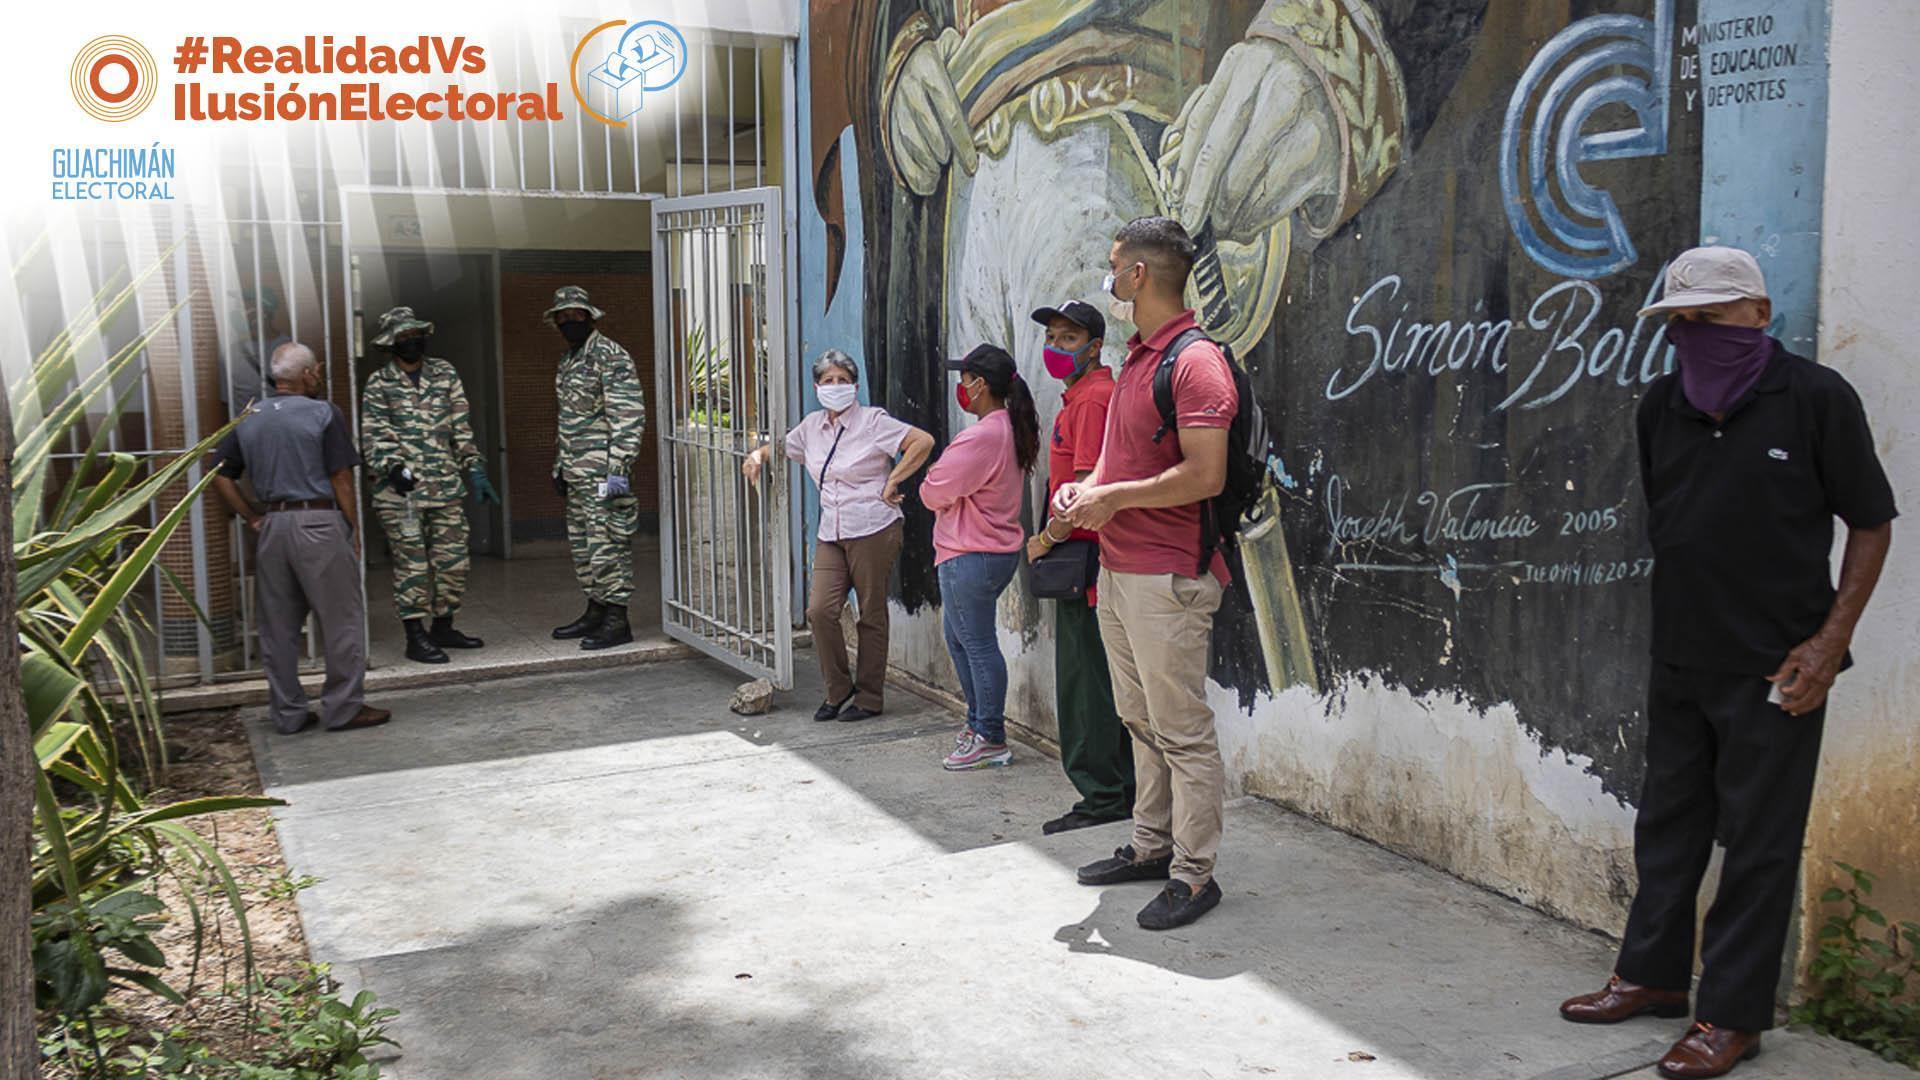 #GuachimánElectoral | Del 19 al #25Oct: el simulacro y el chavismo revivieron tema electoral en Twitter